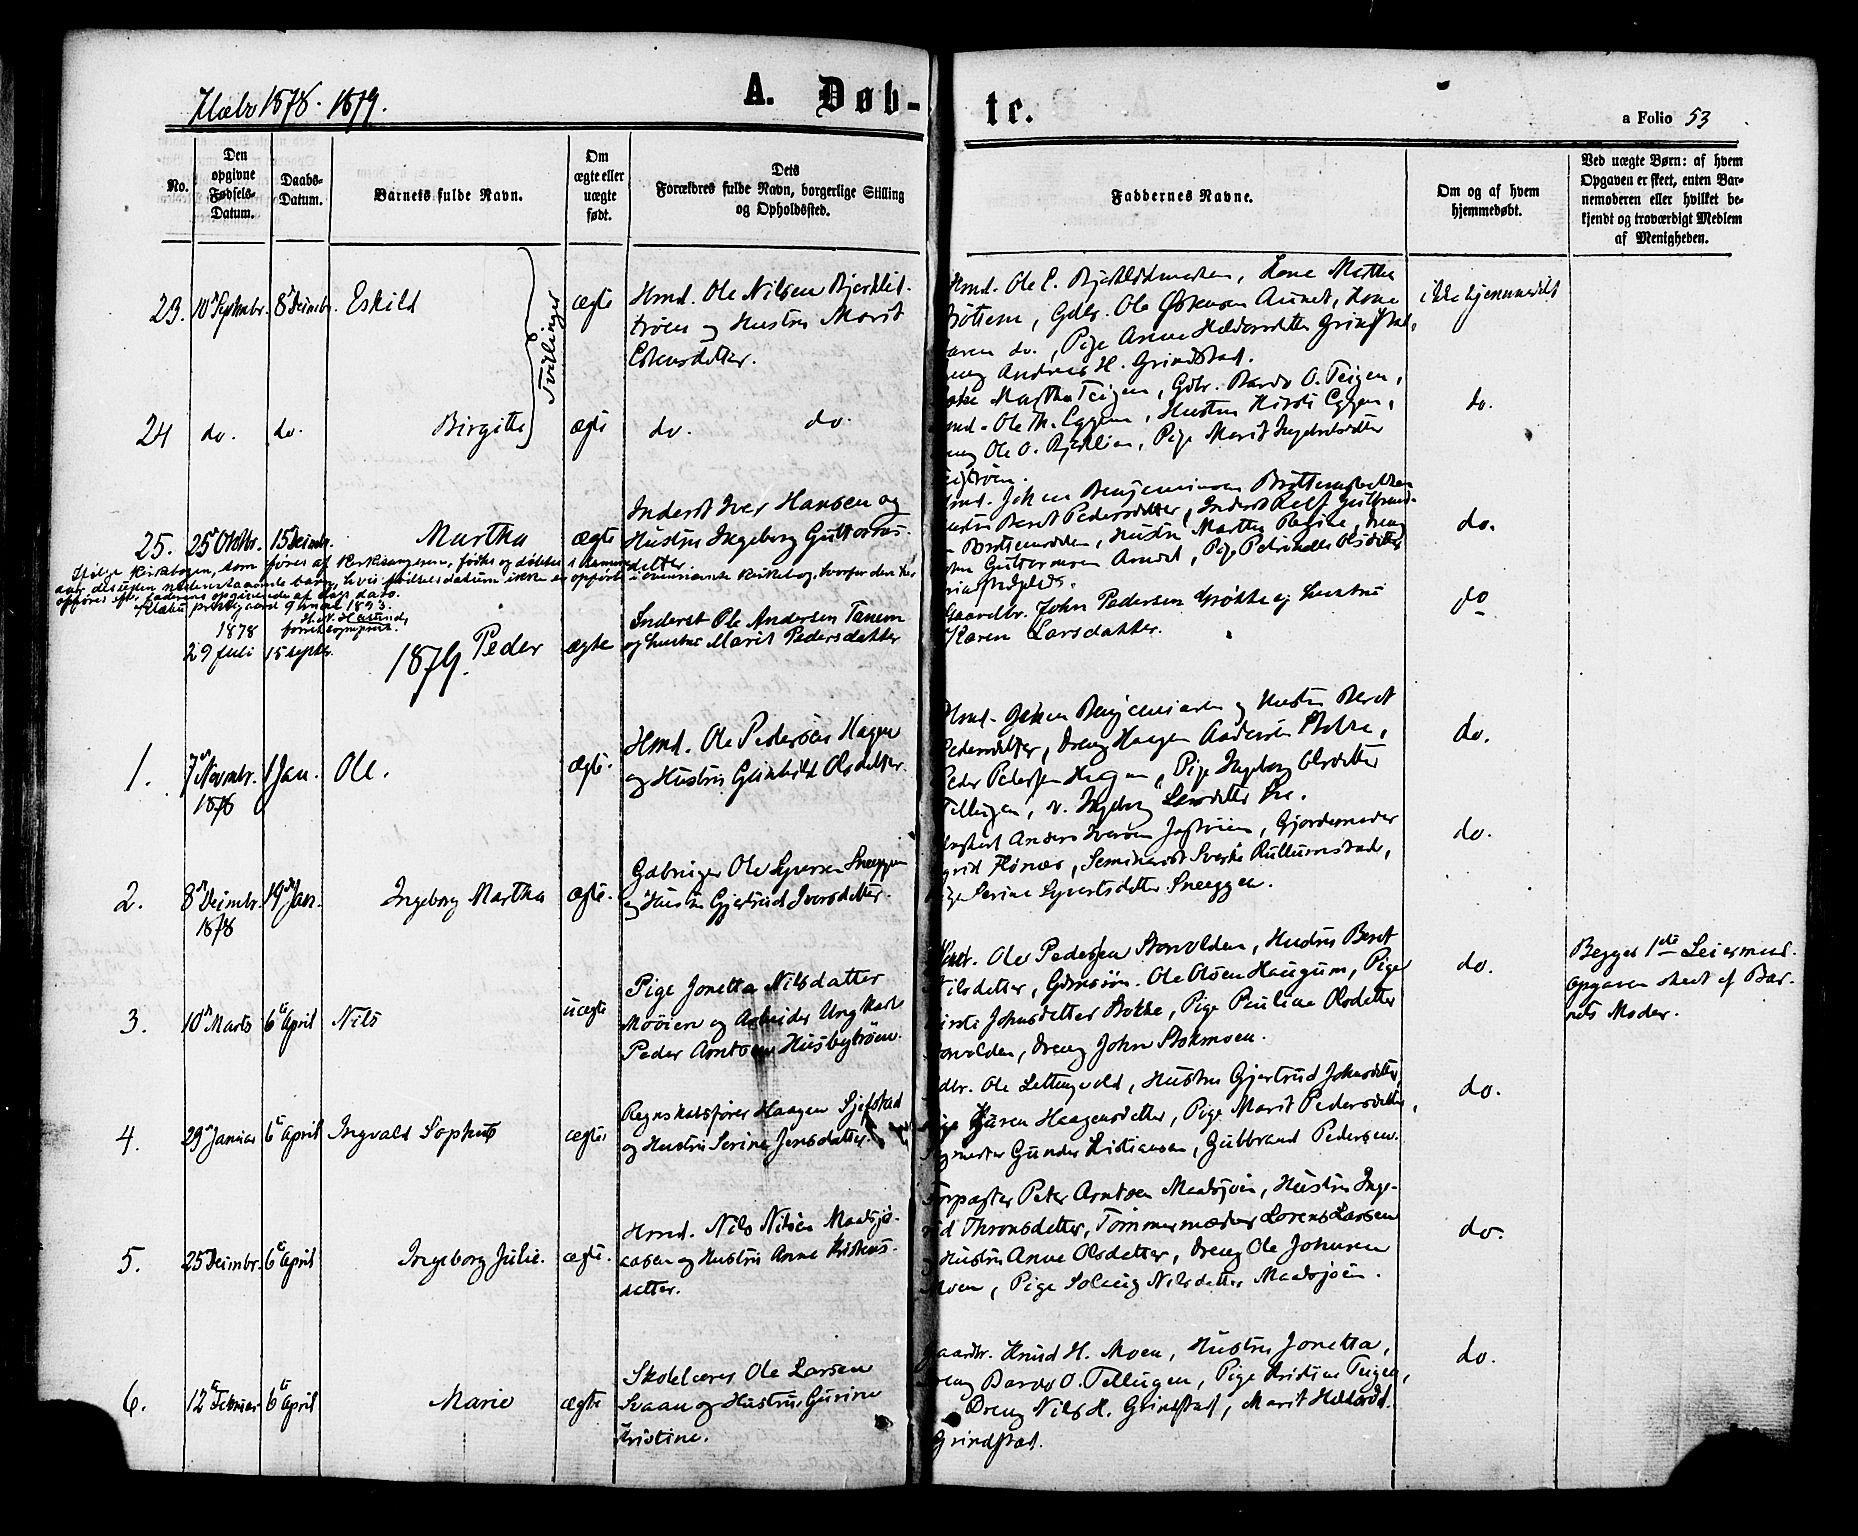 SAT, Ministerialprotokoller, klokkerbøker og fødselsregistre - Sør-Trøndelag, 618/L0442: Ministerialbok nr. 618A06 /1, 1863-1879, s. 53